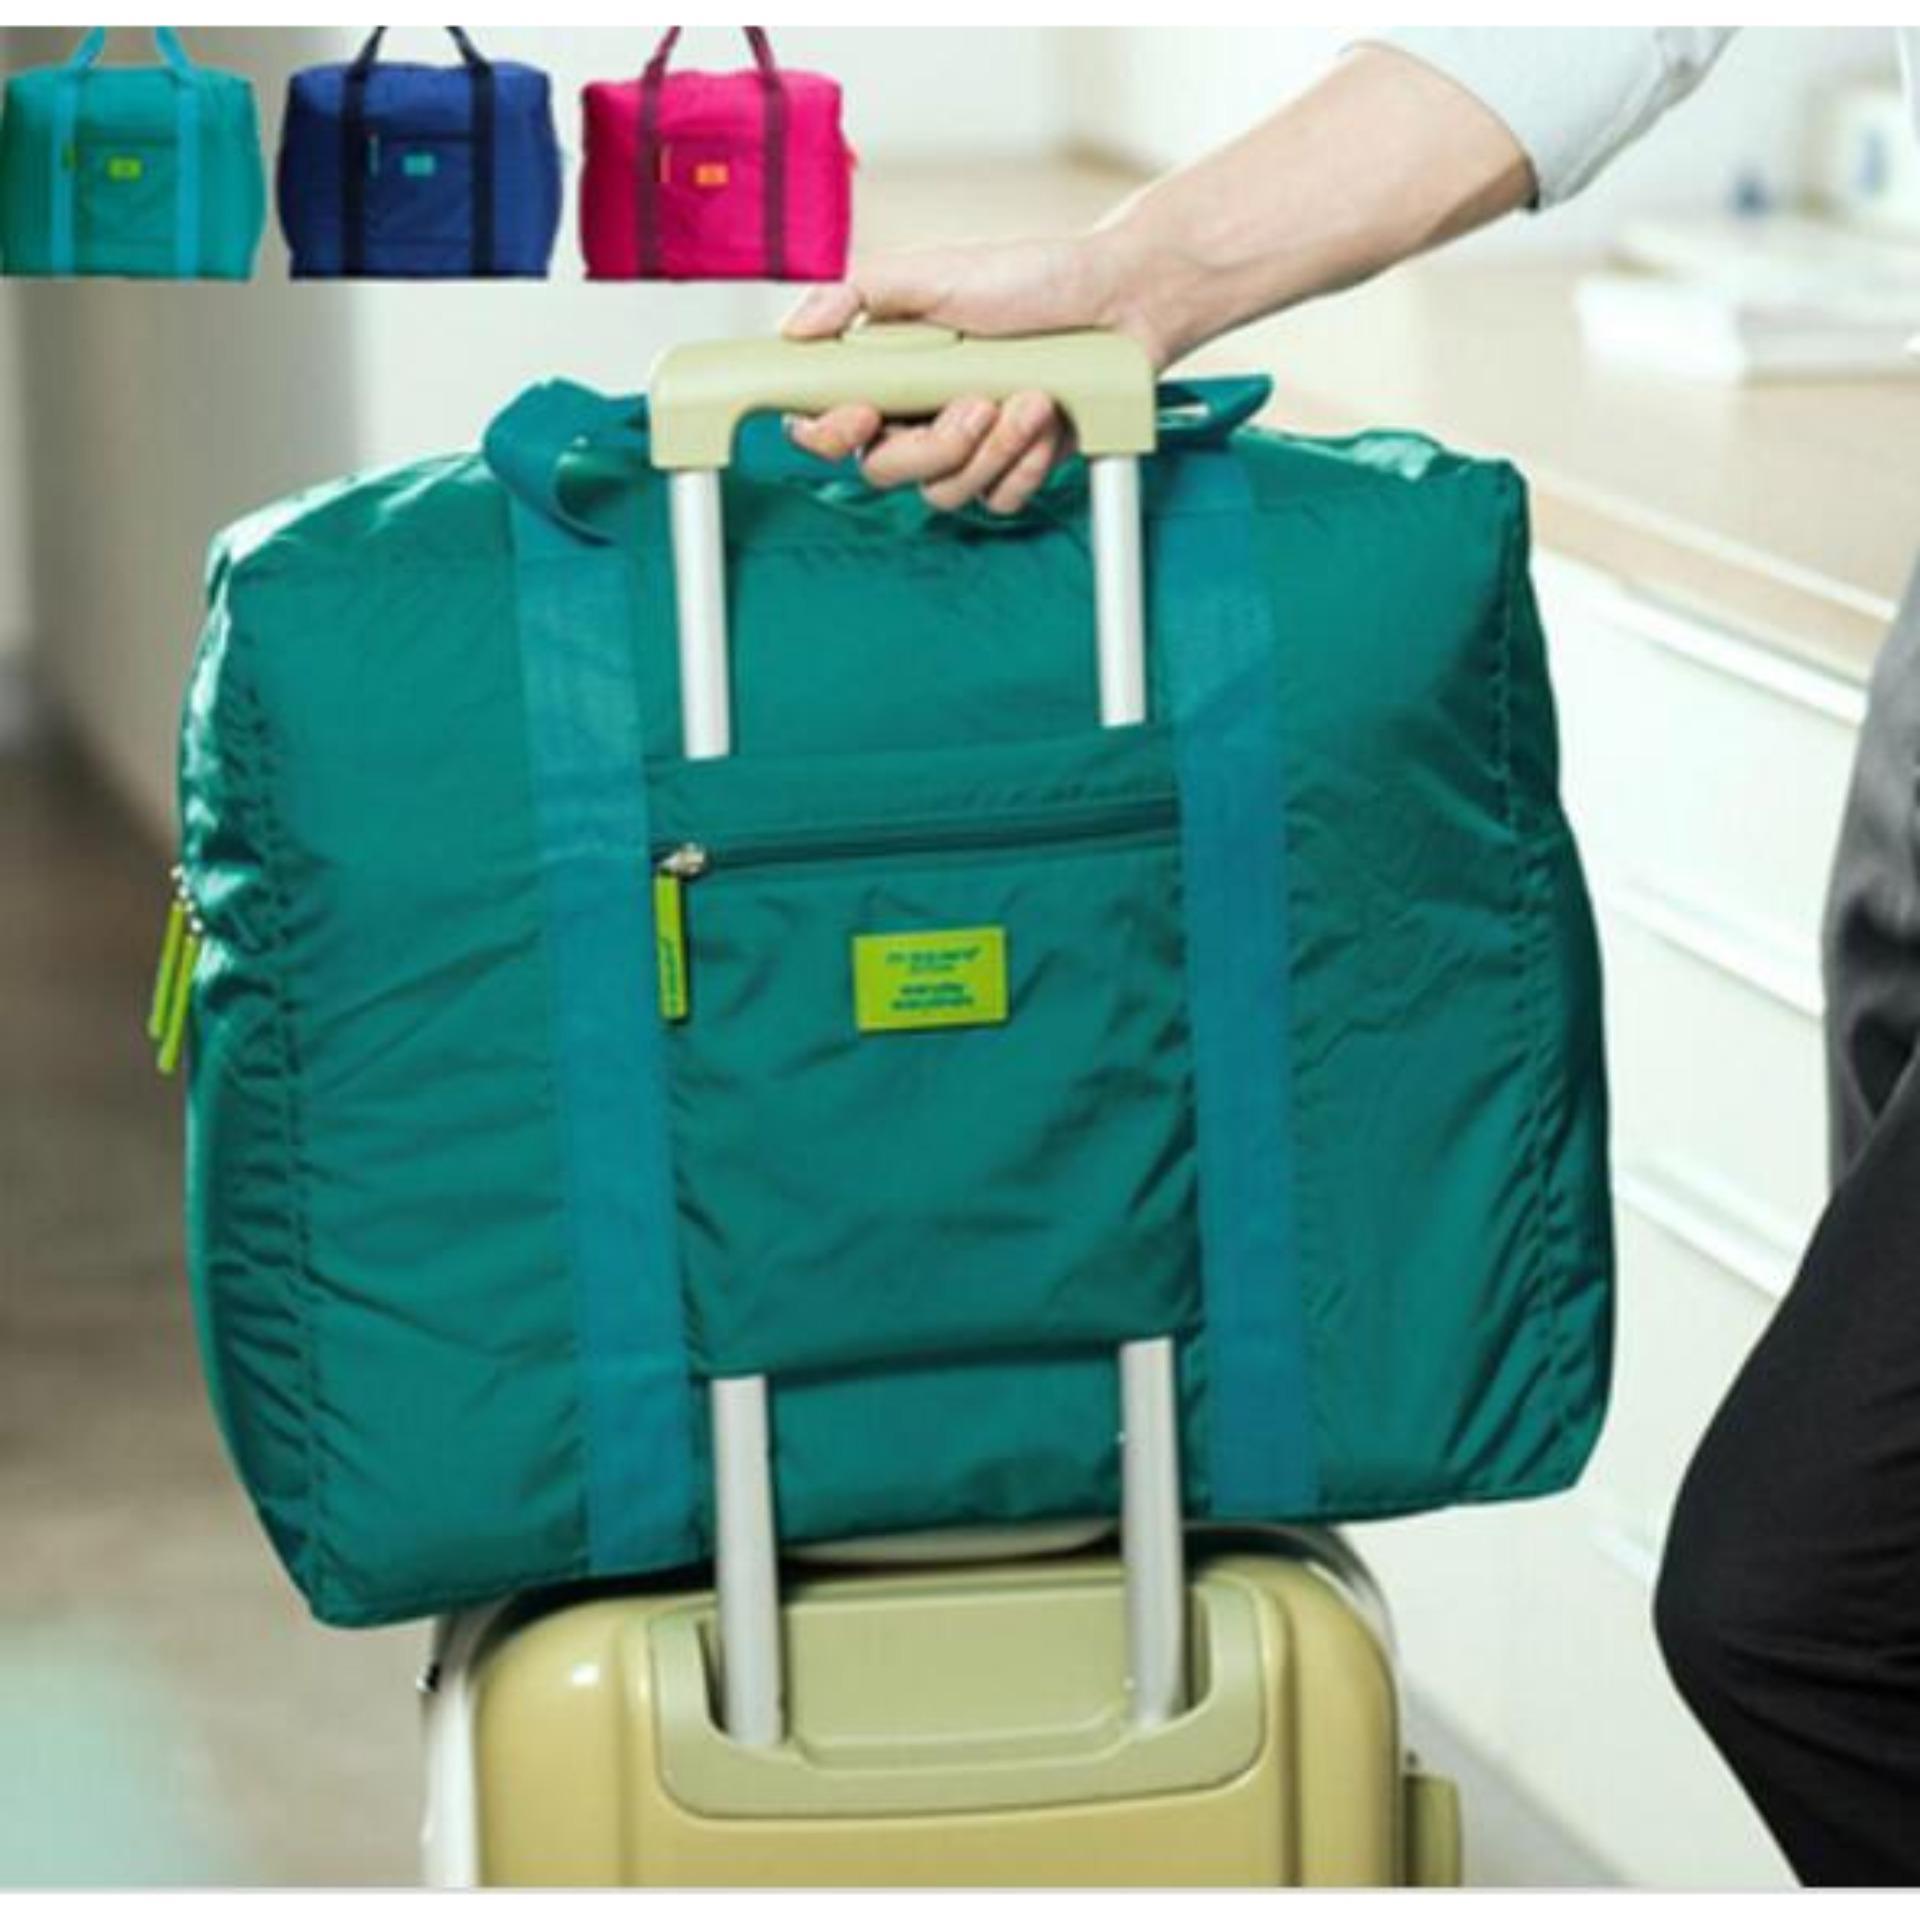 Spesifikasi Luggage Foldable Travel Bag Tas Koper Lipat Murah